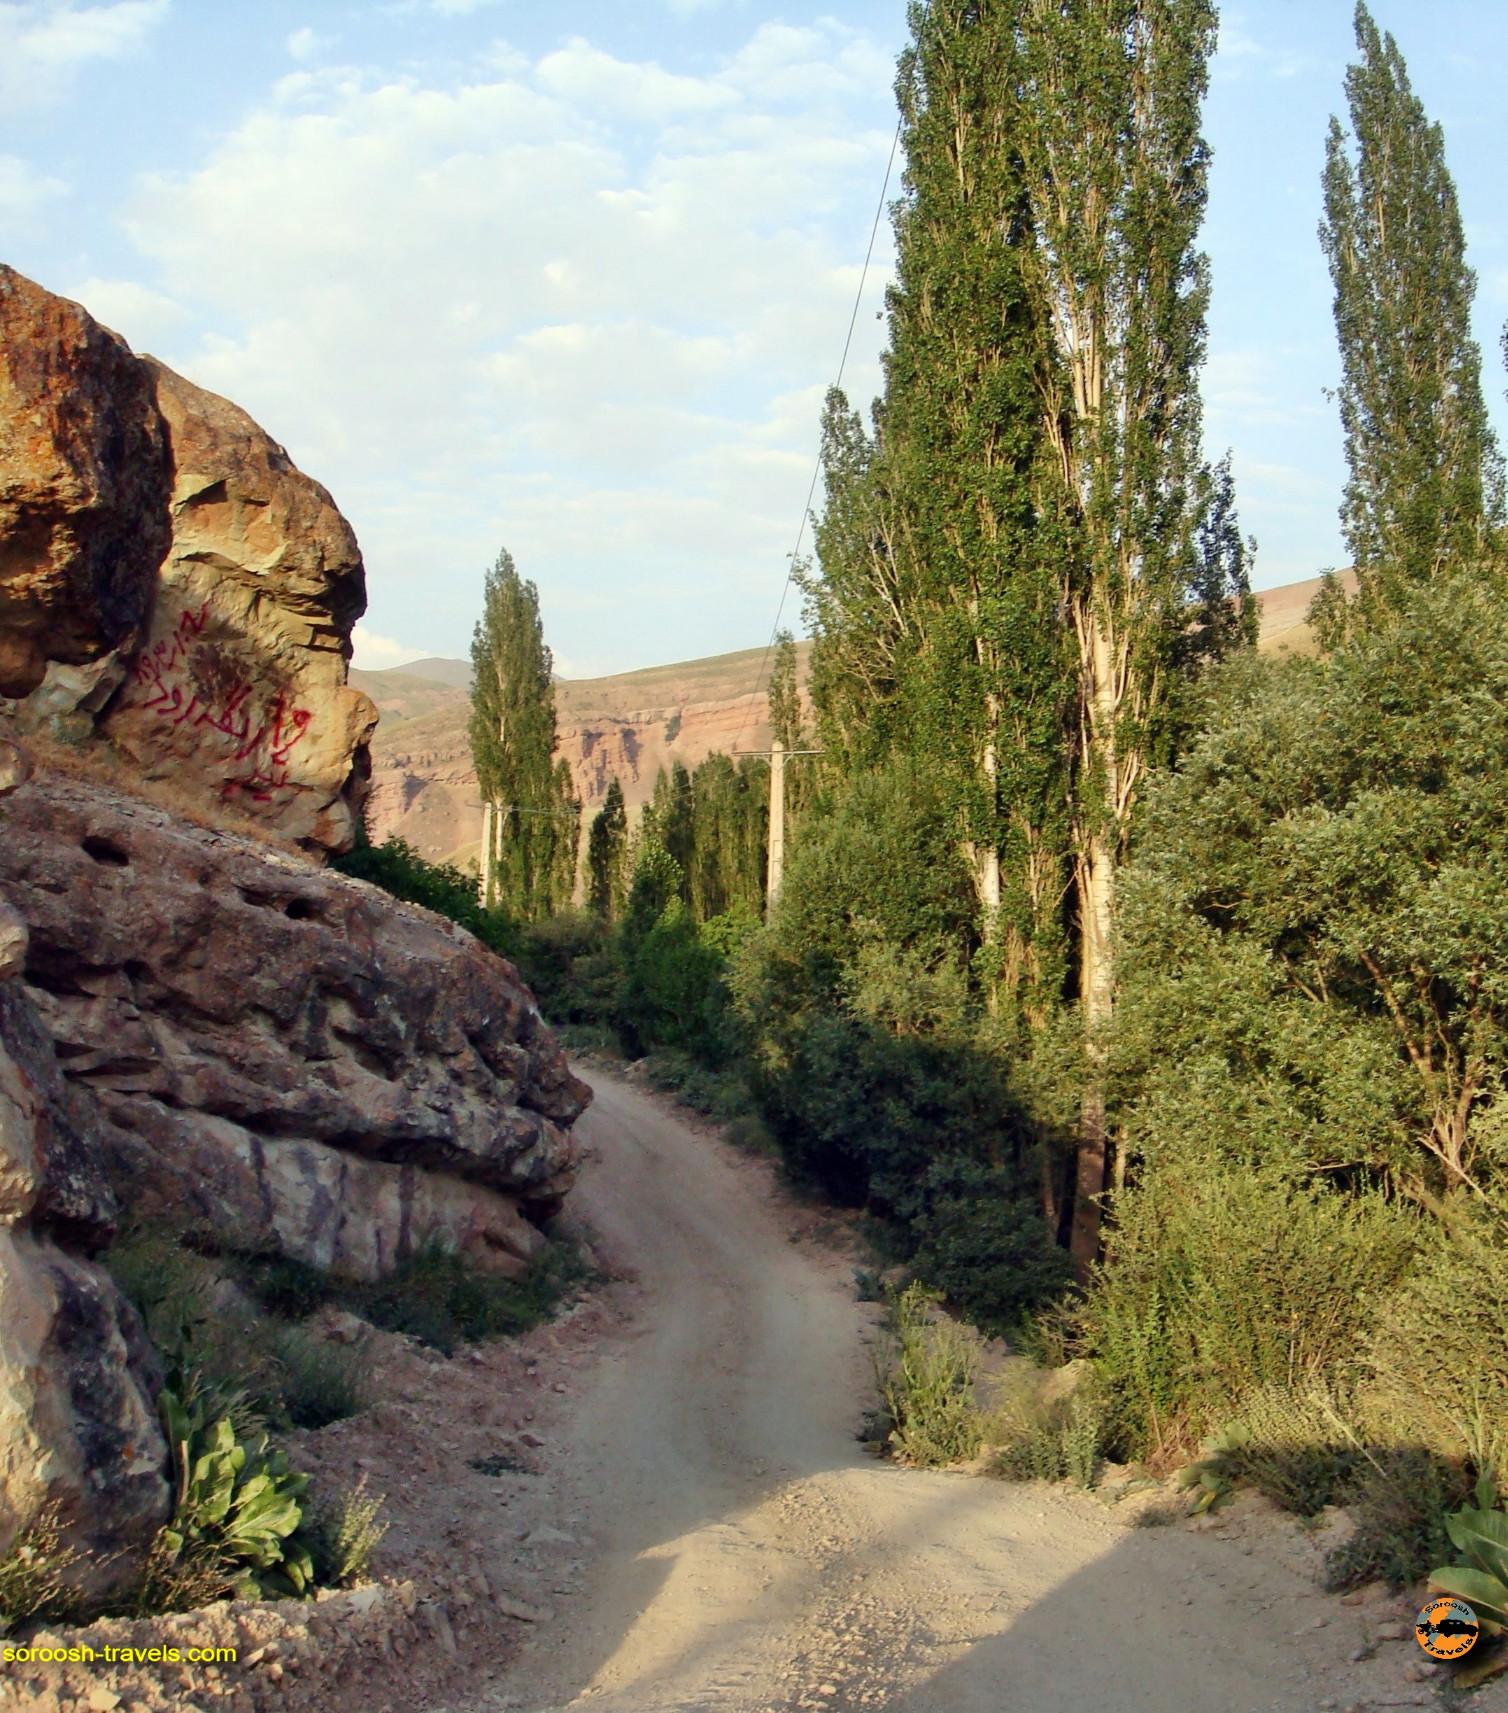 جاده زیبای طالقان به گچسر و دریاچه سد طالقان – تیرماه ۱۳۸۹